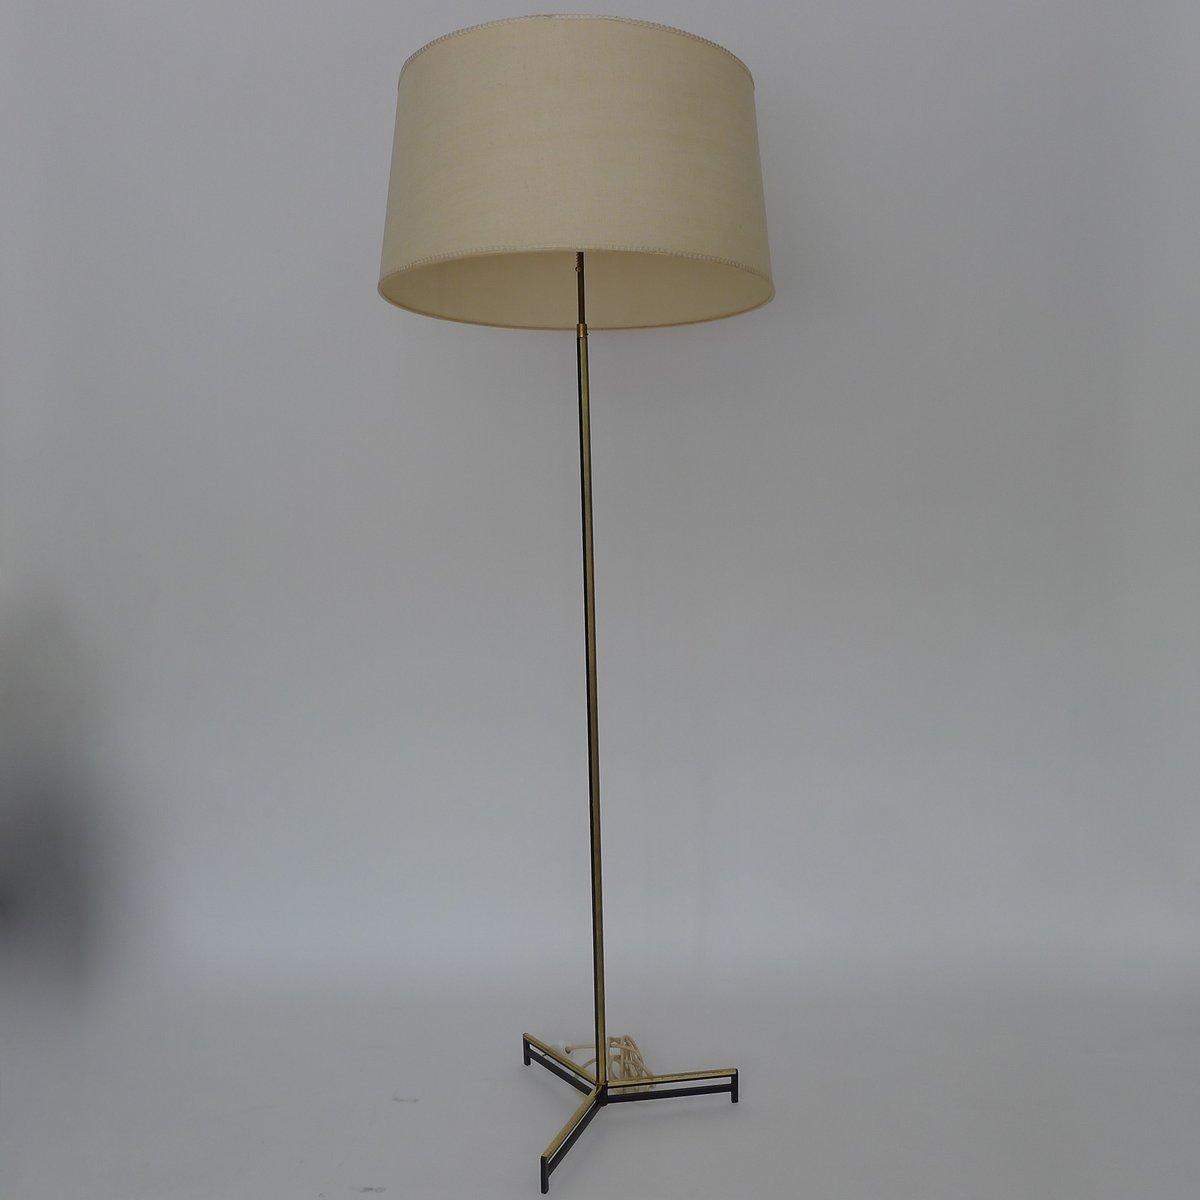 vintage stehlampe von kaiser leuchten bei pamono kaufen. Black Bedroom Furniture Sets. Home Design Ideas